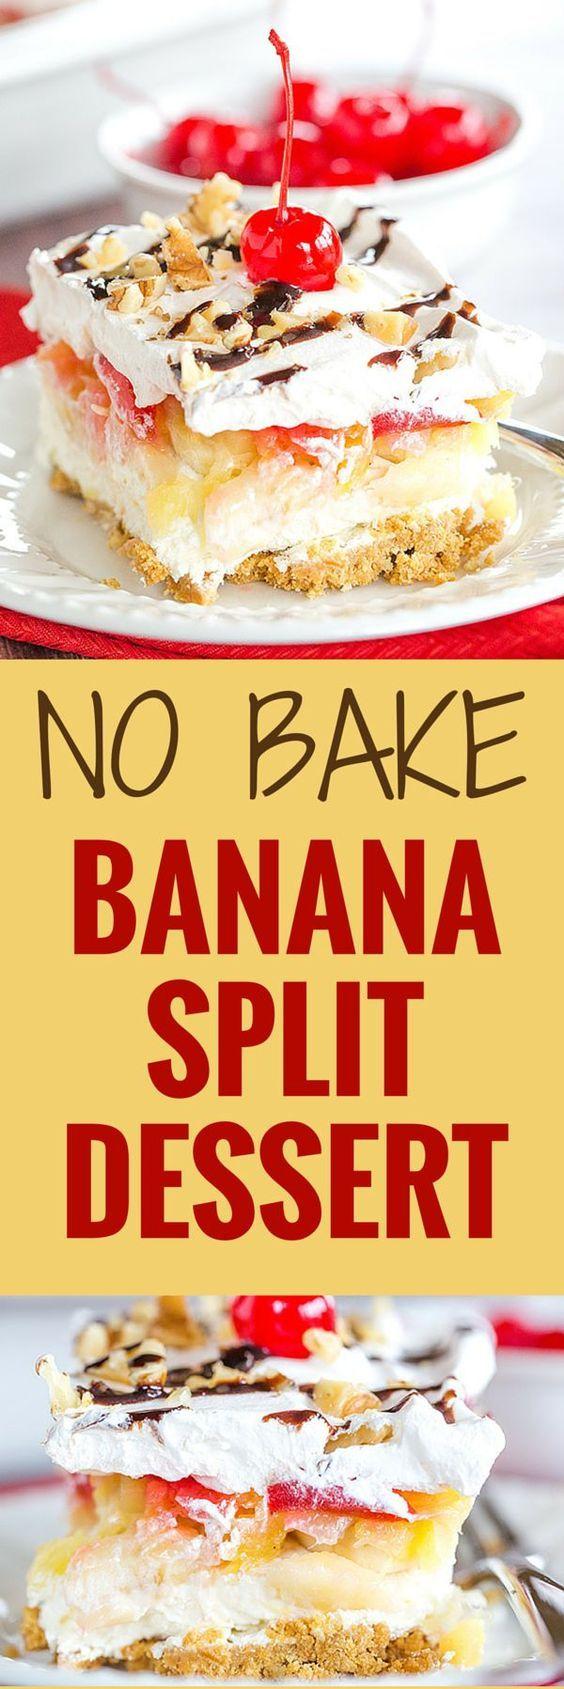 No-Bake Banana Split Dessert – Graham cracker crust cream cheese bananas pineapple strawberries whipped cream nuts chocolate